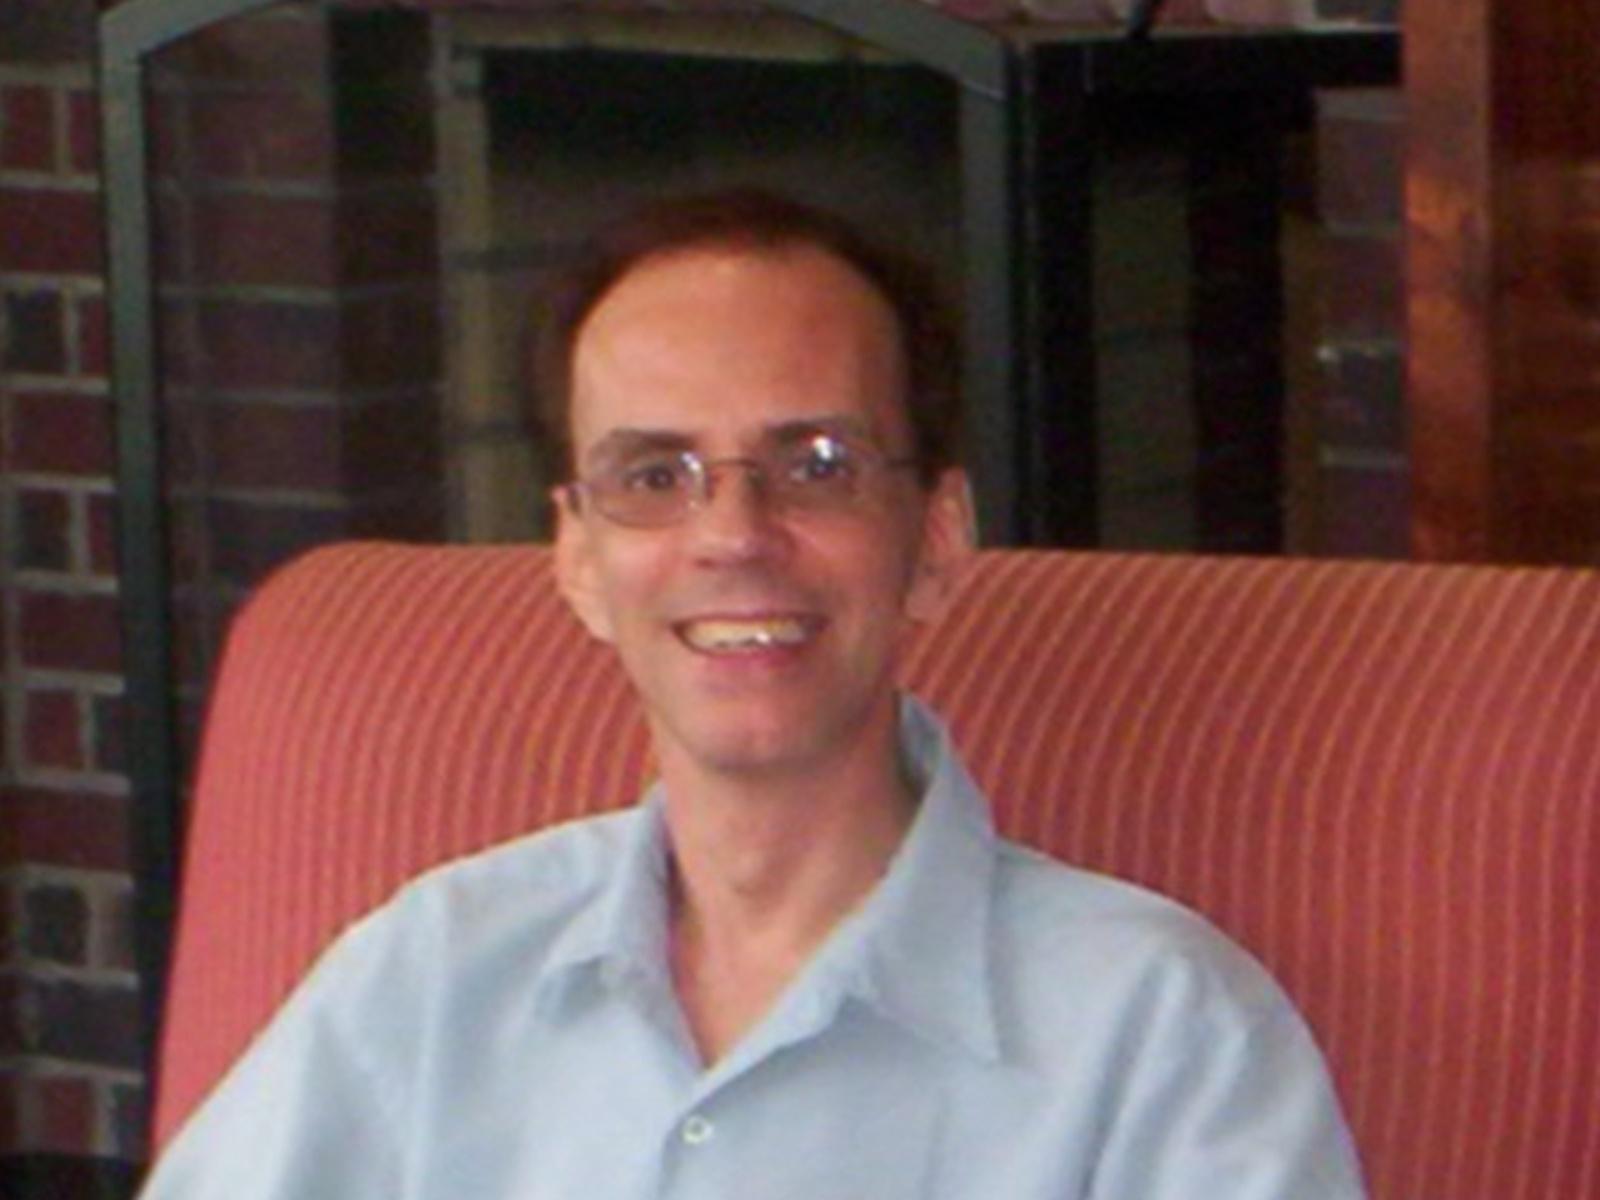 Norman Cyr